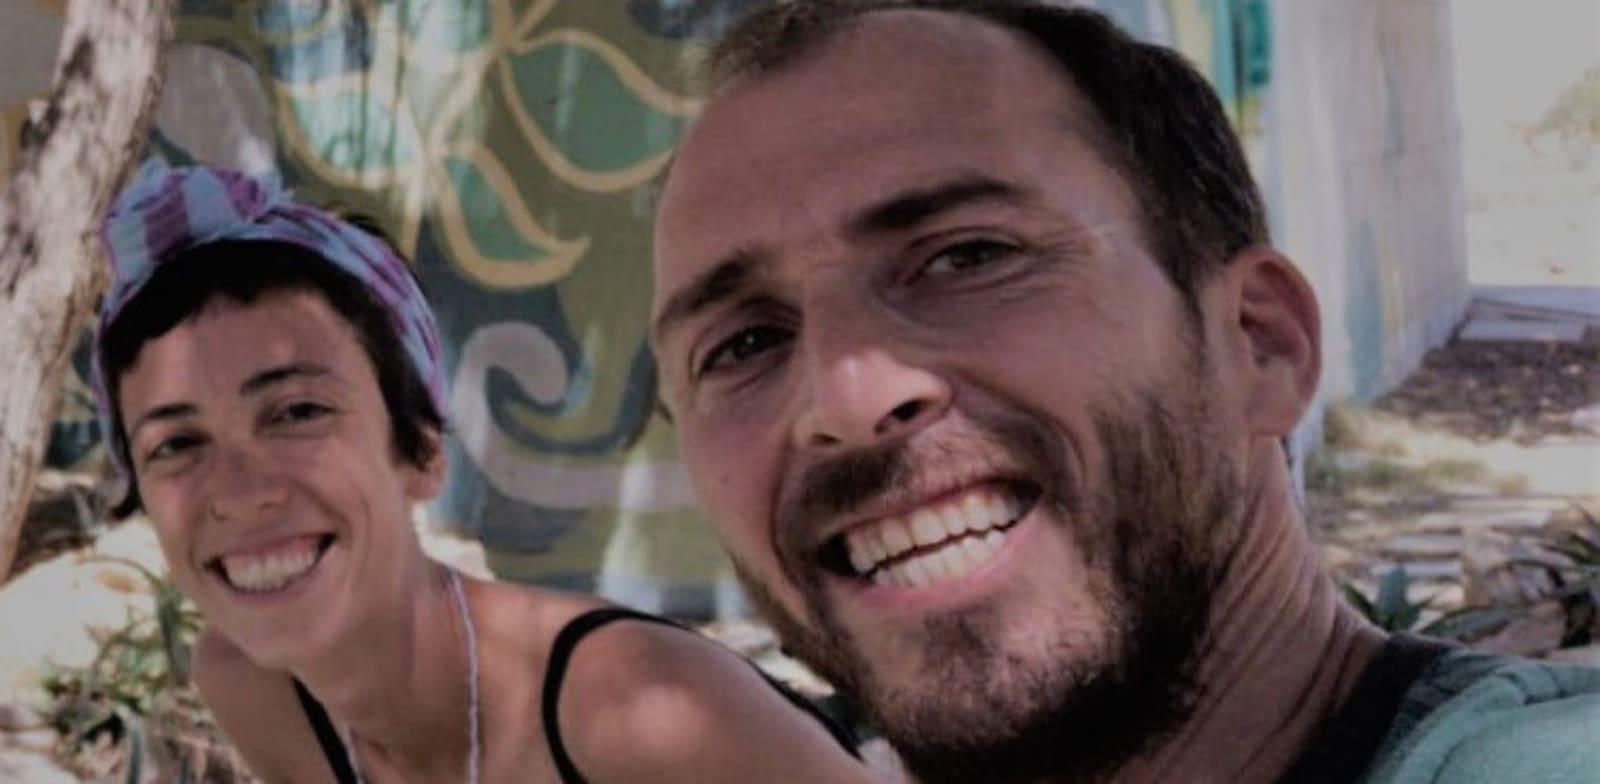 אייל אלכסנדר ושיר אמיר, מדריכי סיורים במצפה רמון / צילום: תמונה פרטית